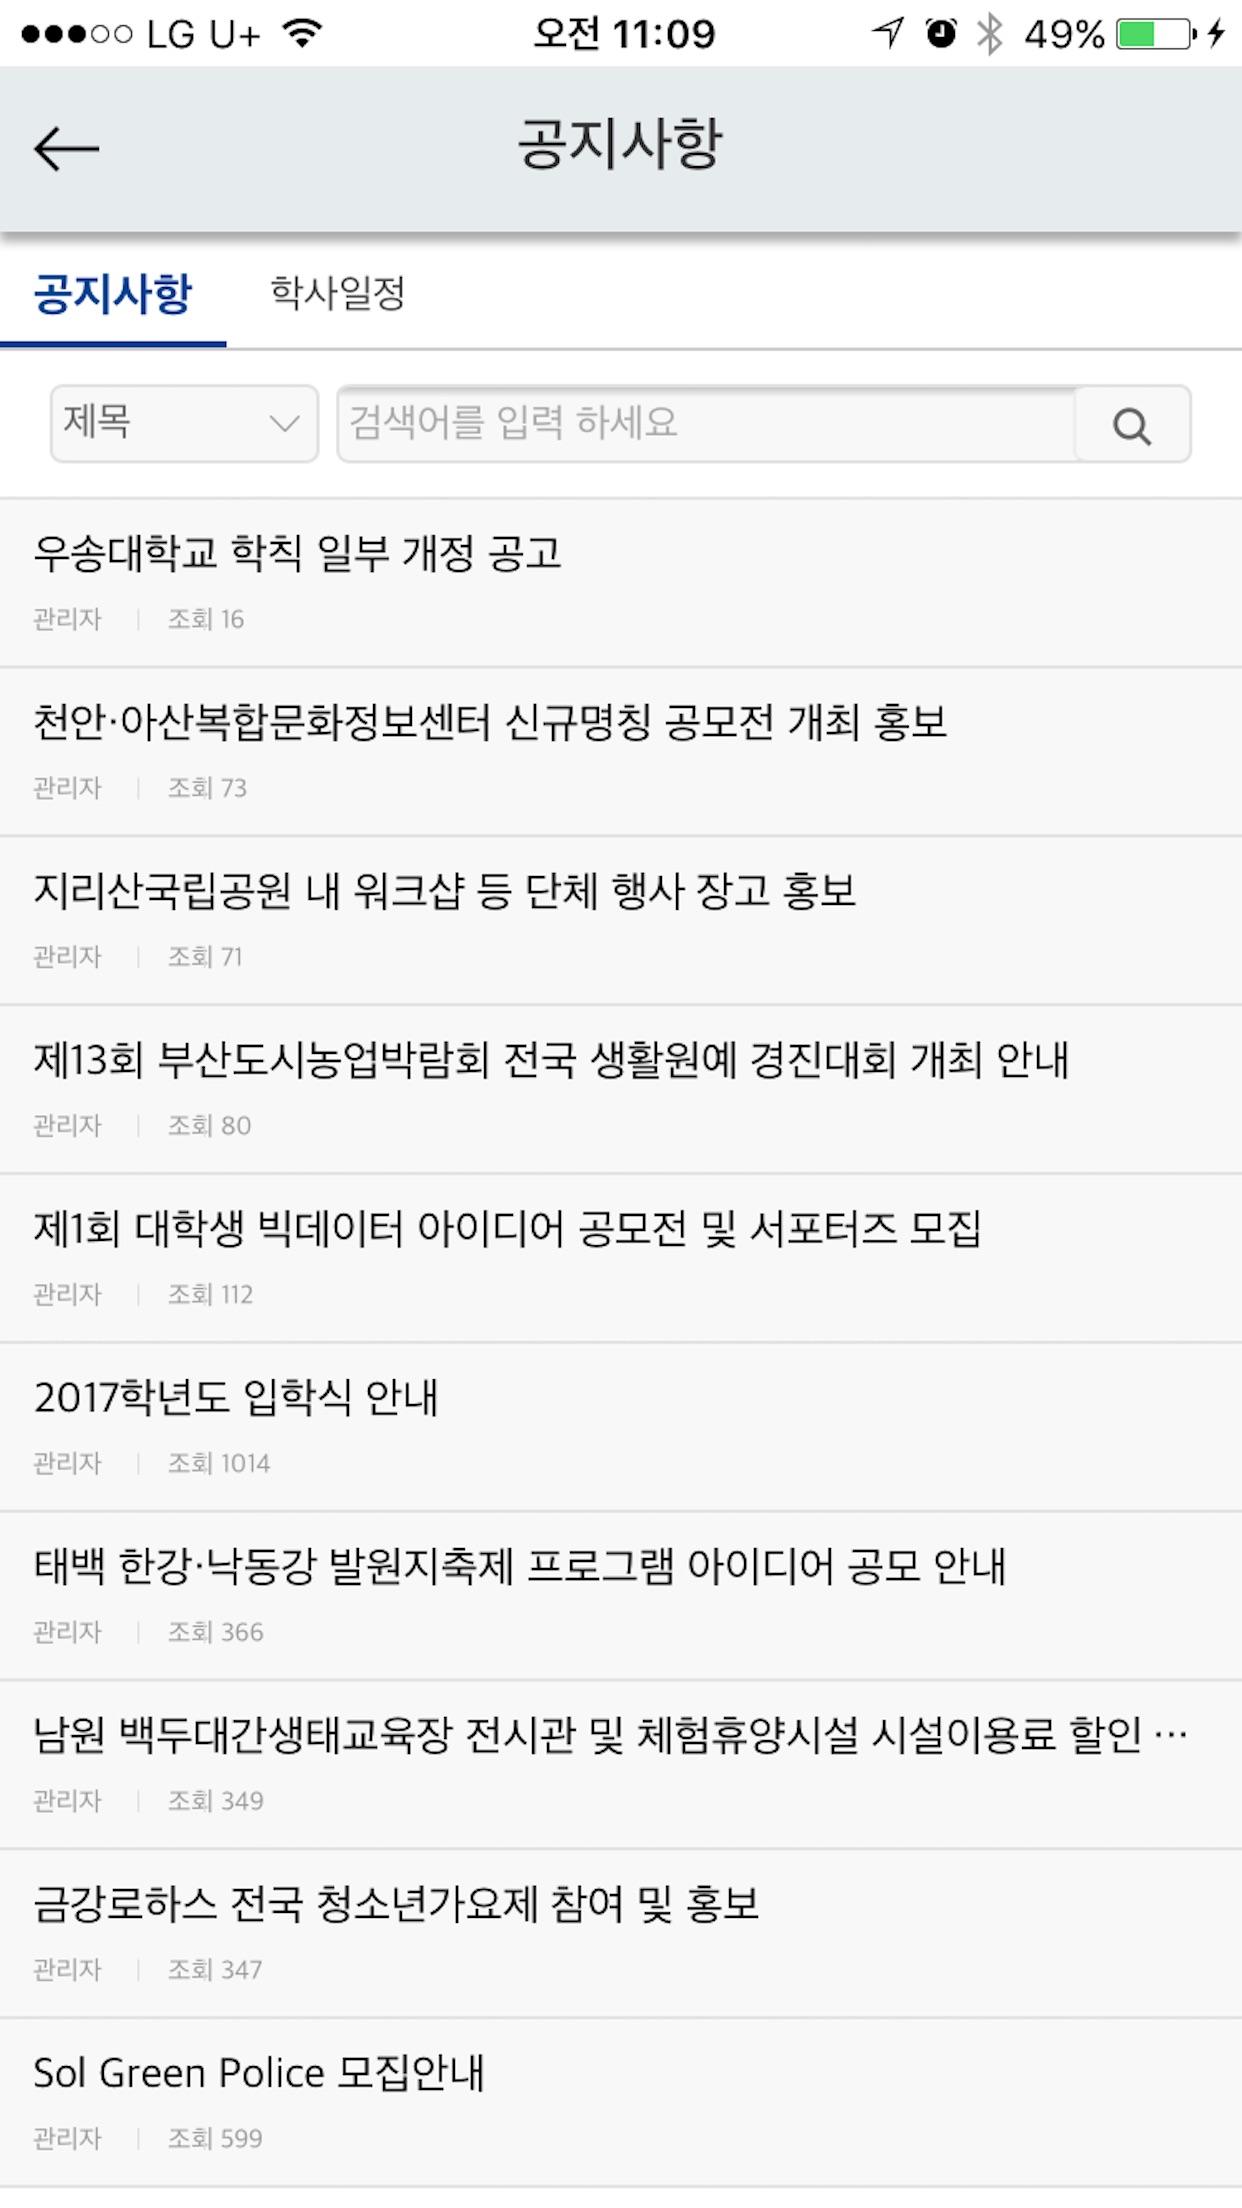 우송대학교 스마트캠퍼스 Screenshot